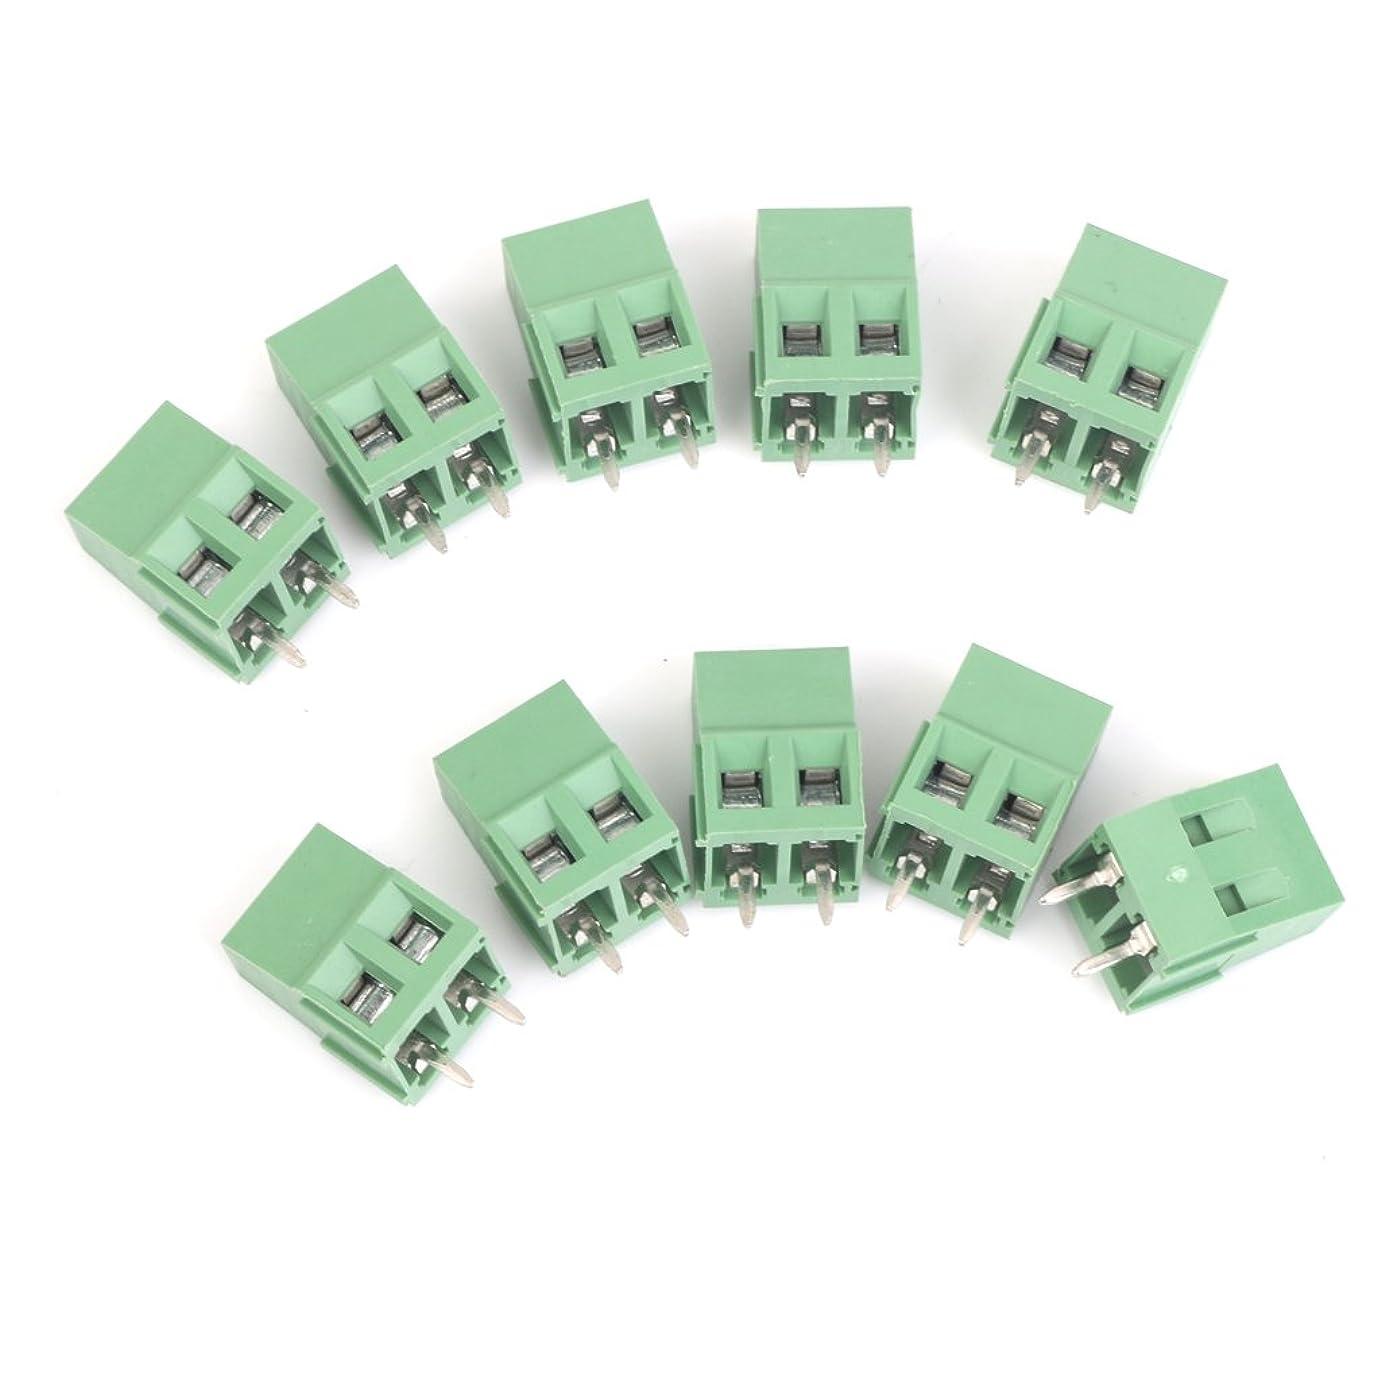 鏡のぞき見コーン10個 ターミナルブロック 5mm 2ピン 端子台コネクタ PCBマウント ネジ留め式 緑色